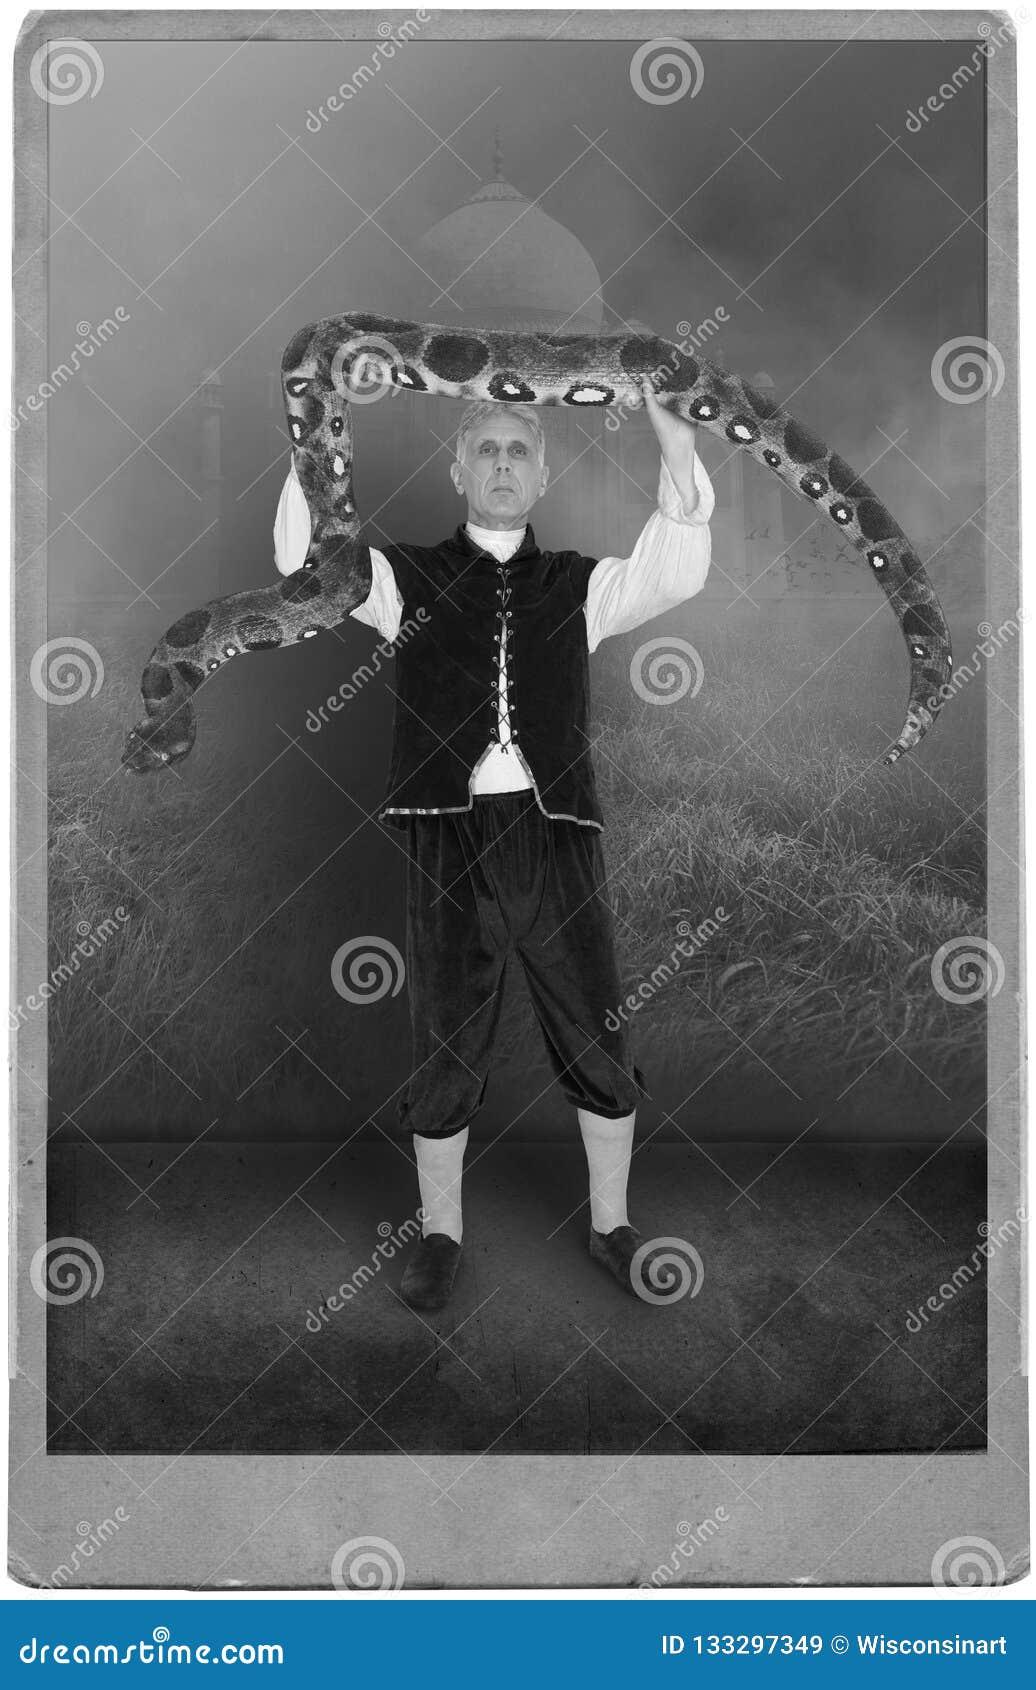 Ο εκλεκτής ποιότητας εκτελεστής τσίρκων, καρναβάλι, φίδι, νόμος, παρουσιάζει